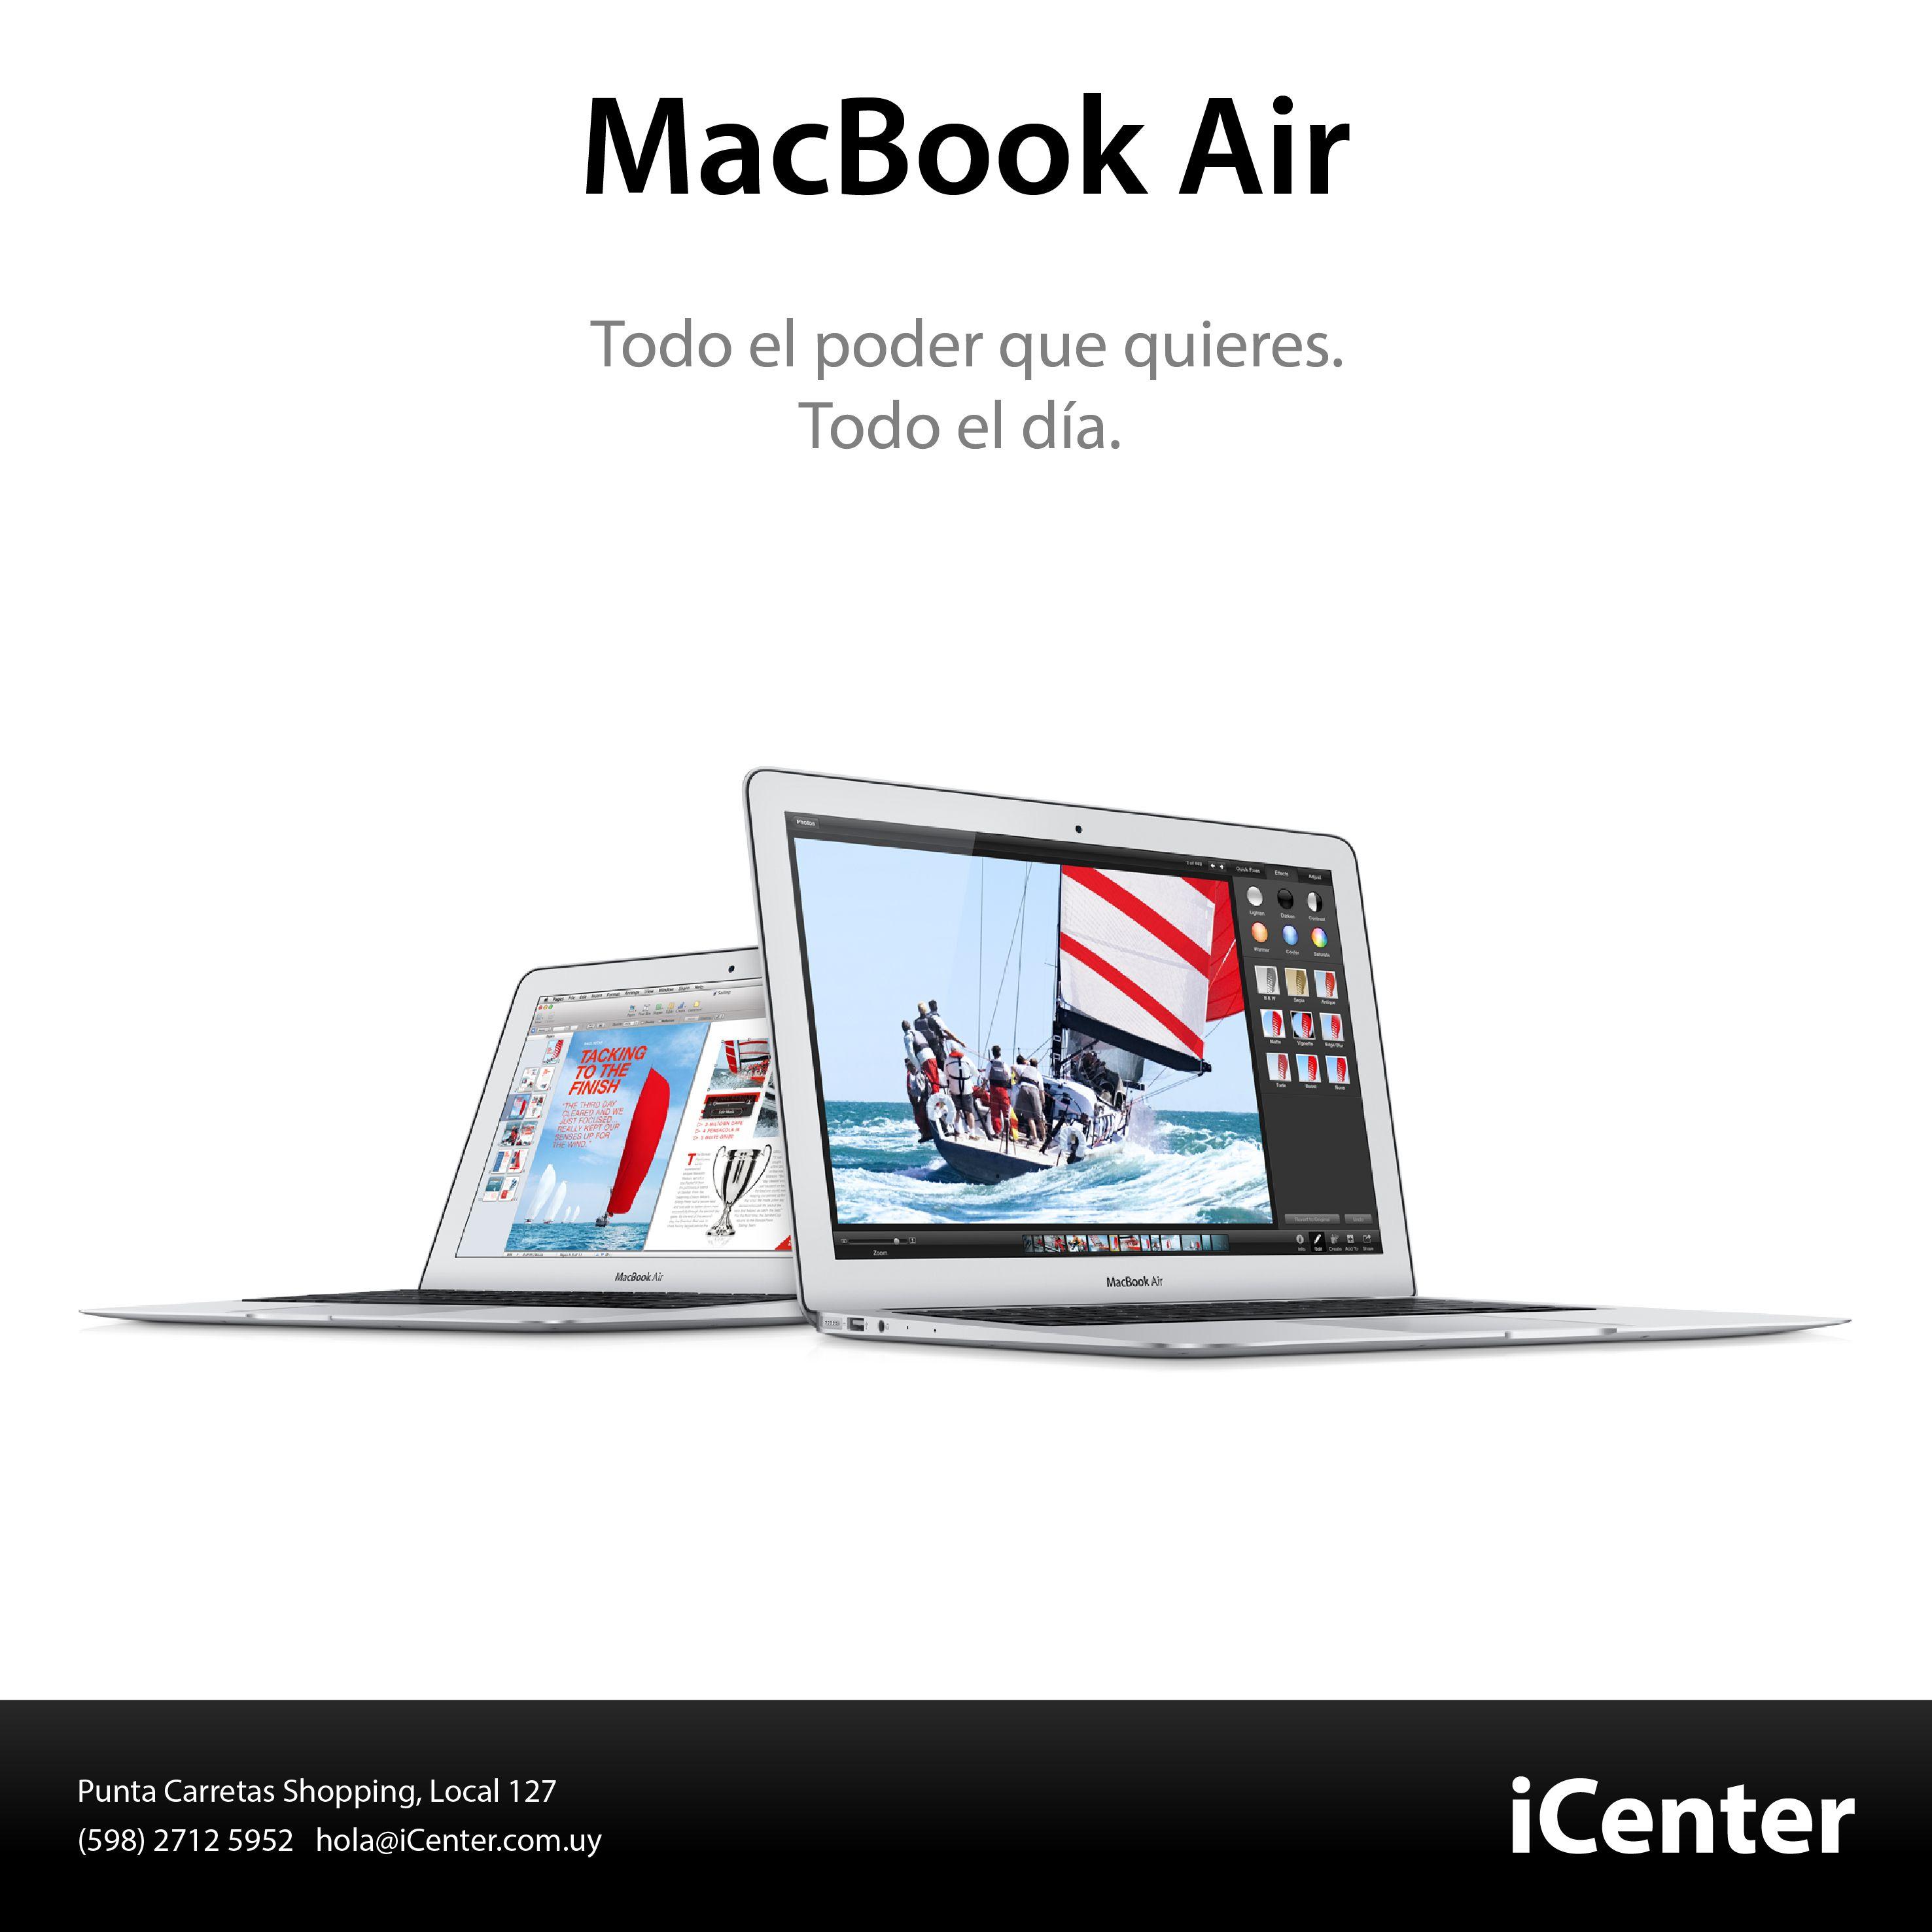 La MacBook Air ahora tiene todo para un desempeño único